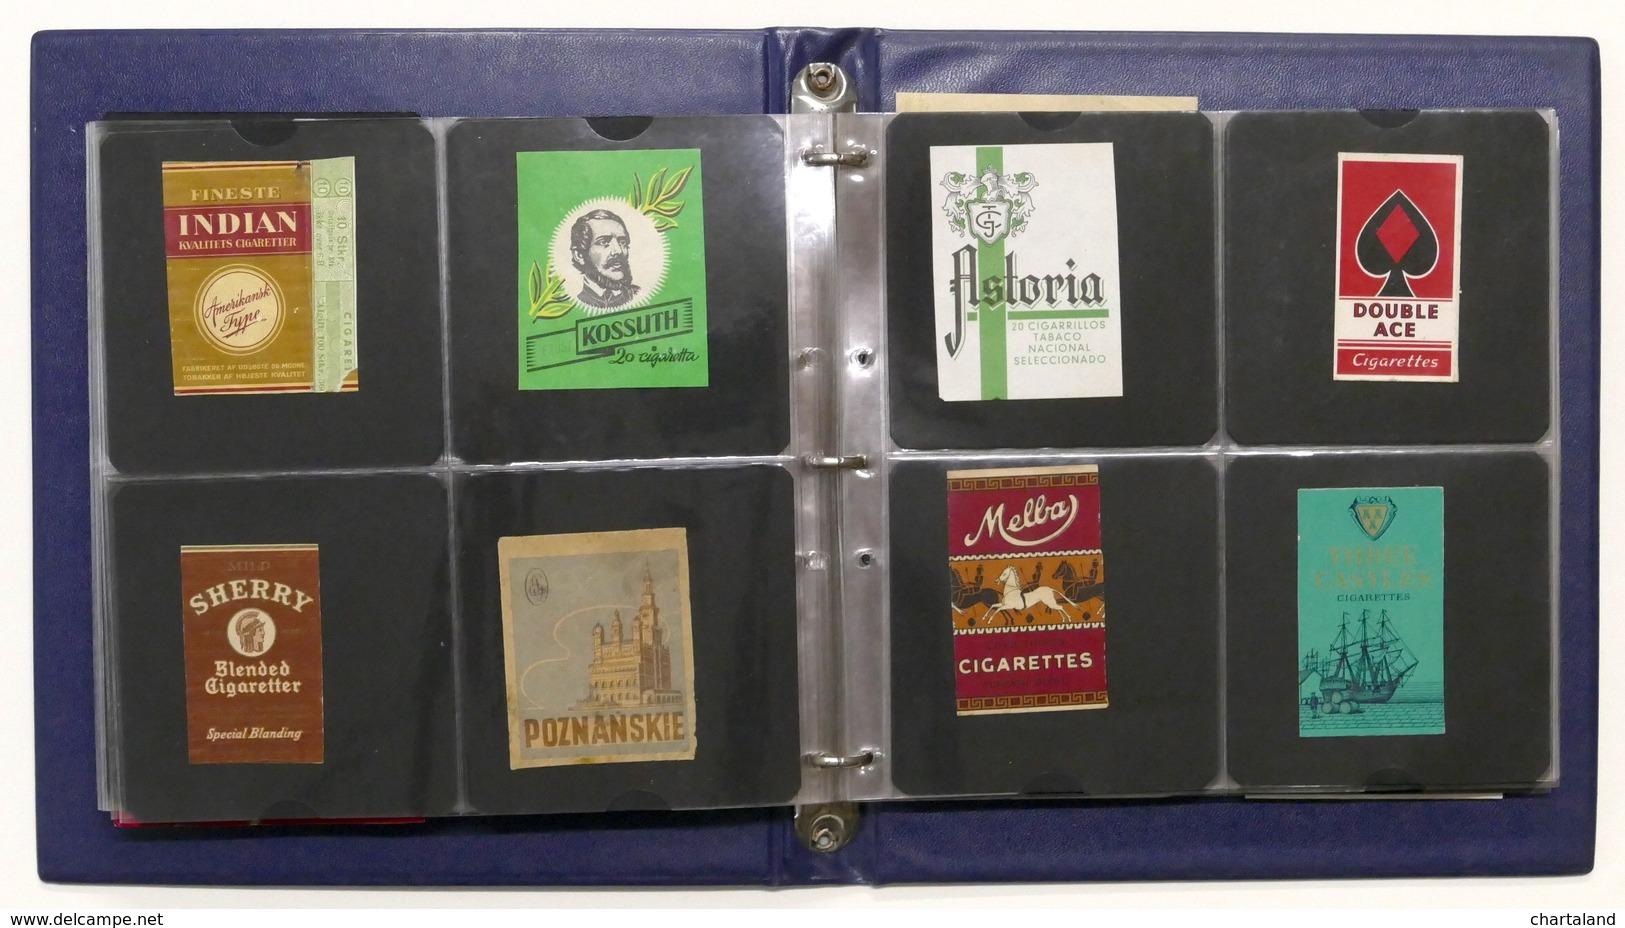 Collezionismo Tabacchi Grande Lotto Etichette Fustelle Varie Marche Di Sigarette - Werbung